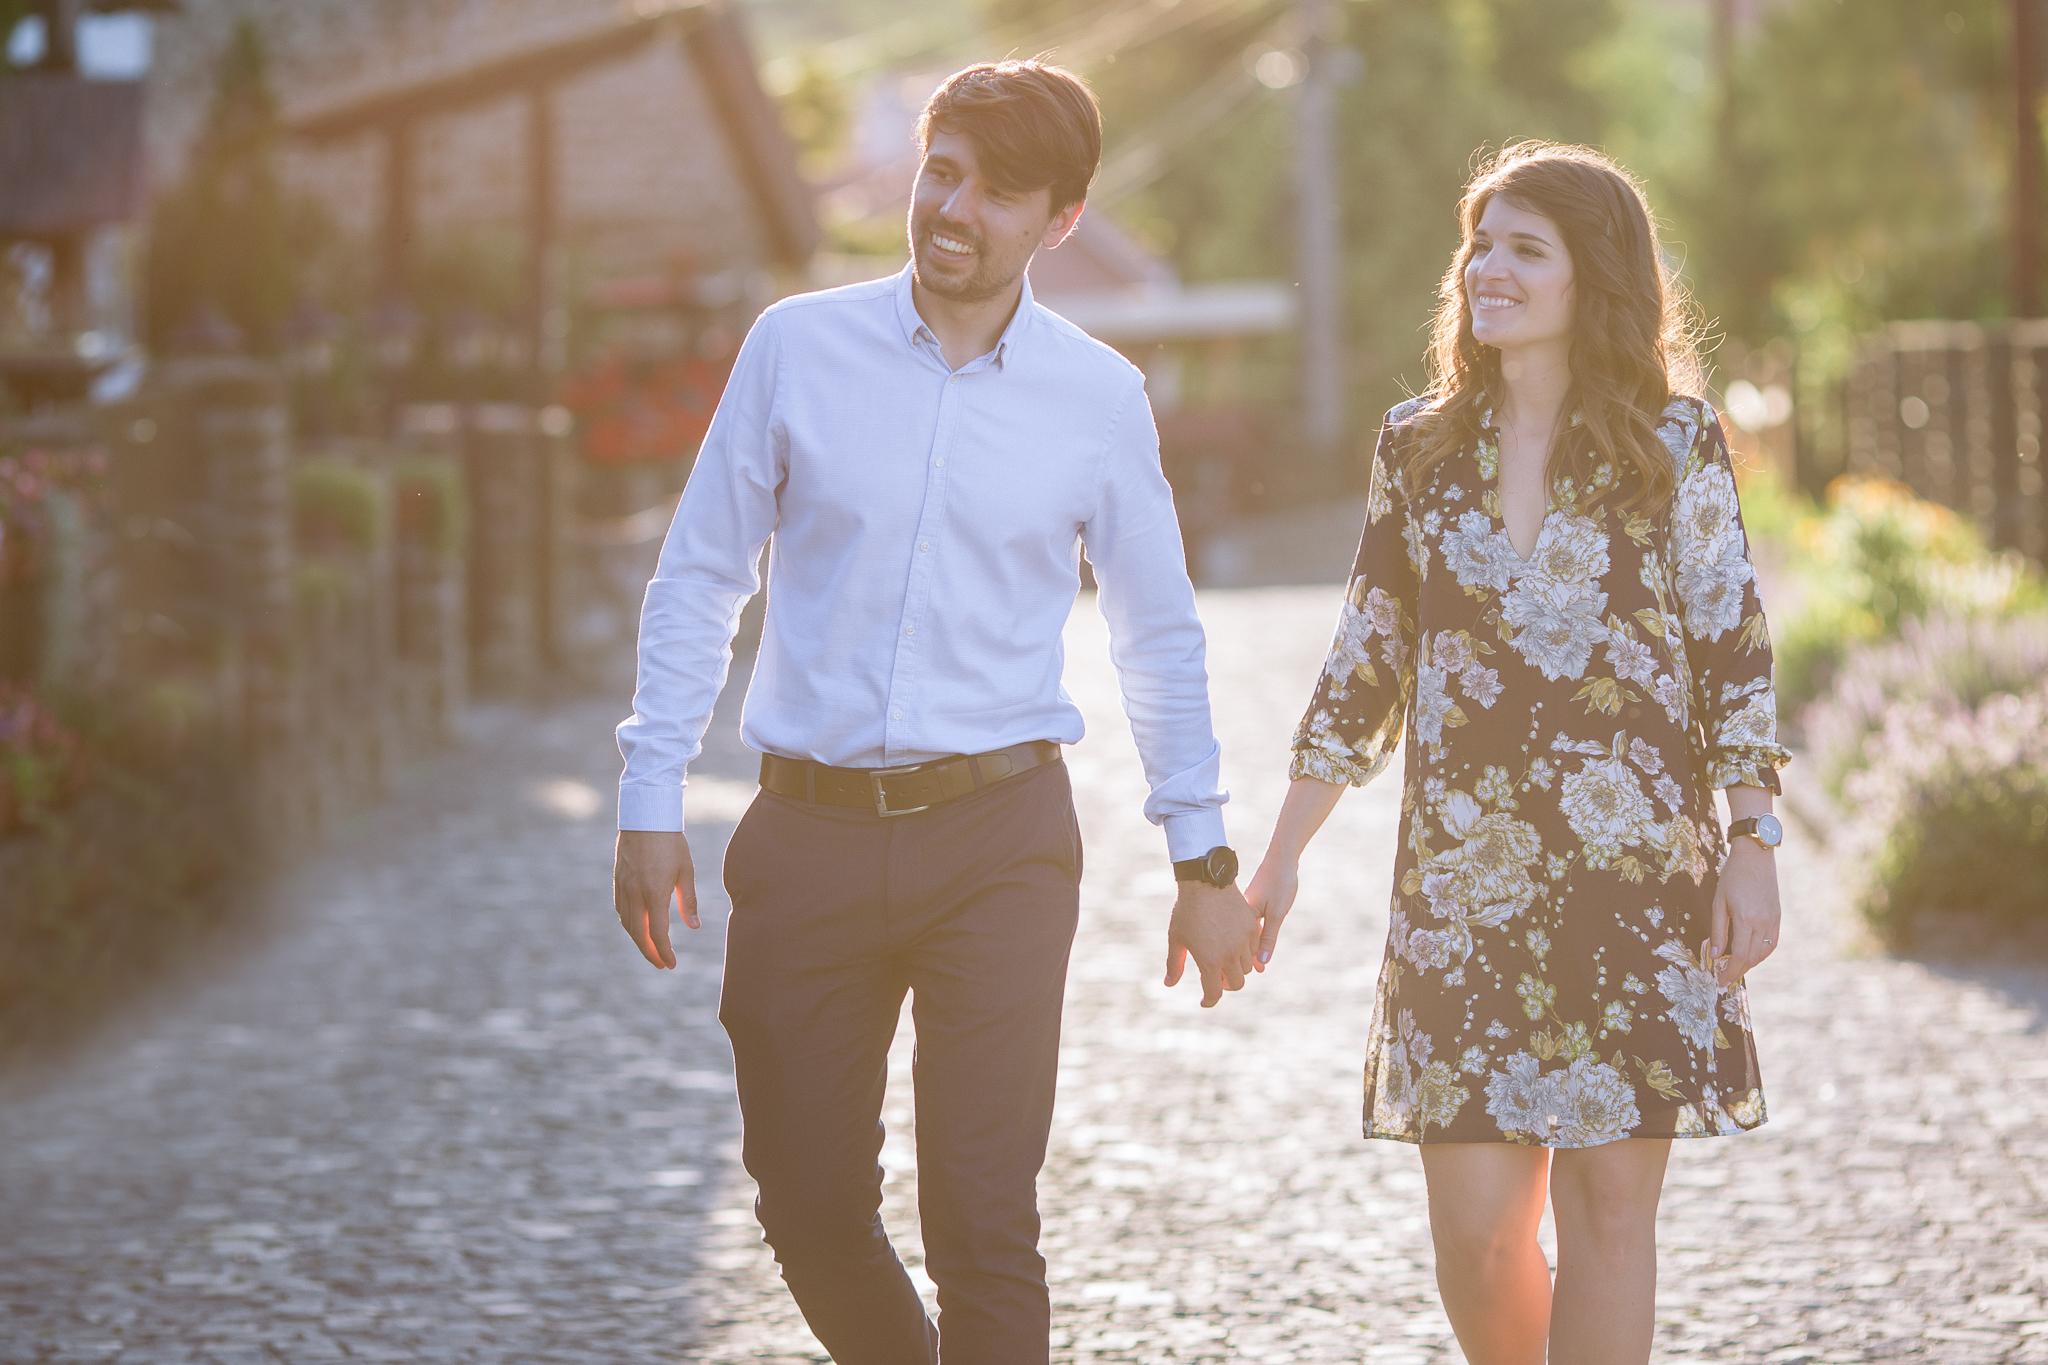 FylepPhoto, esküvőfotózás, magyarország, esküvői fotós, vasmegye, prémium, jegyesfotózás, Fülöp Péter, körmend, kreatív, tihany 52.jpg